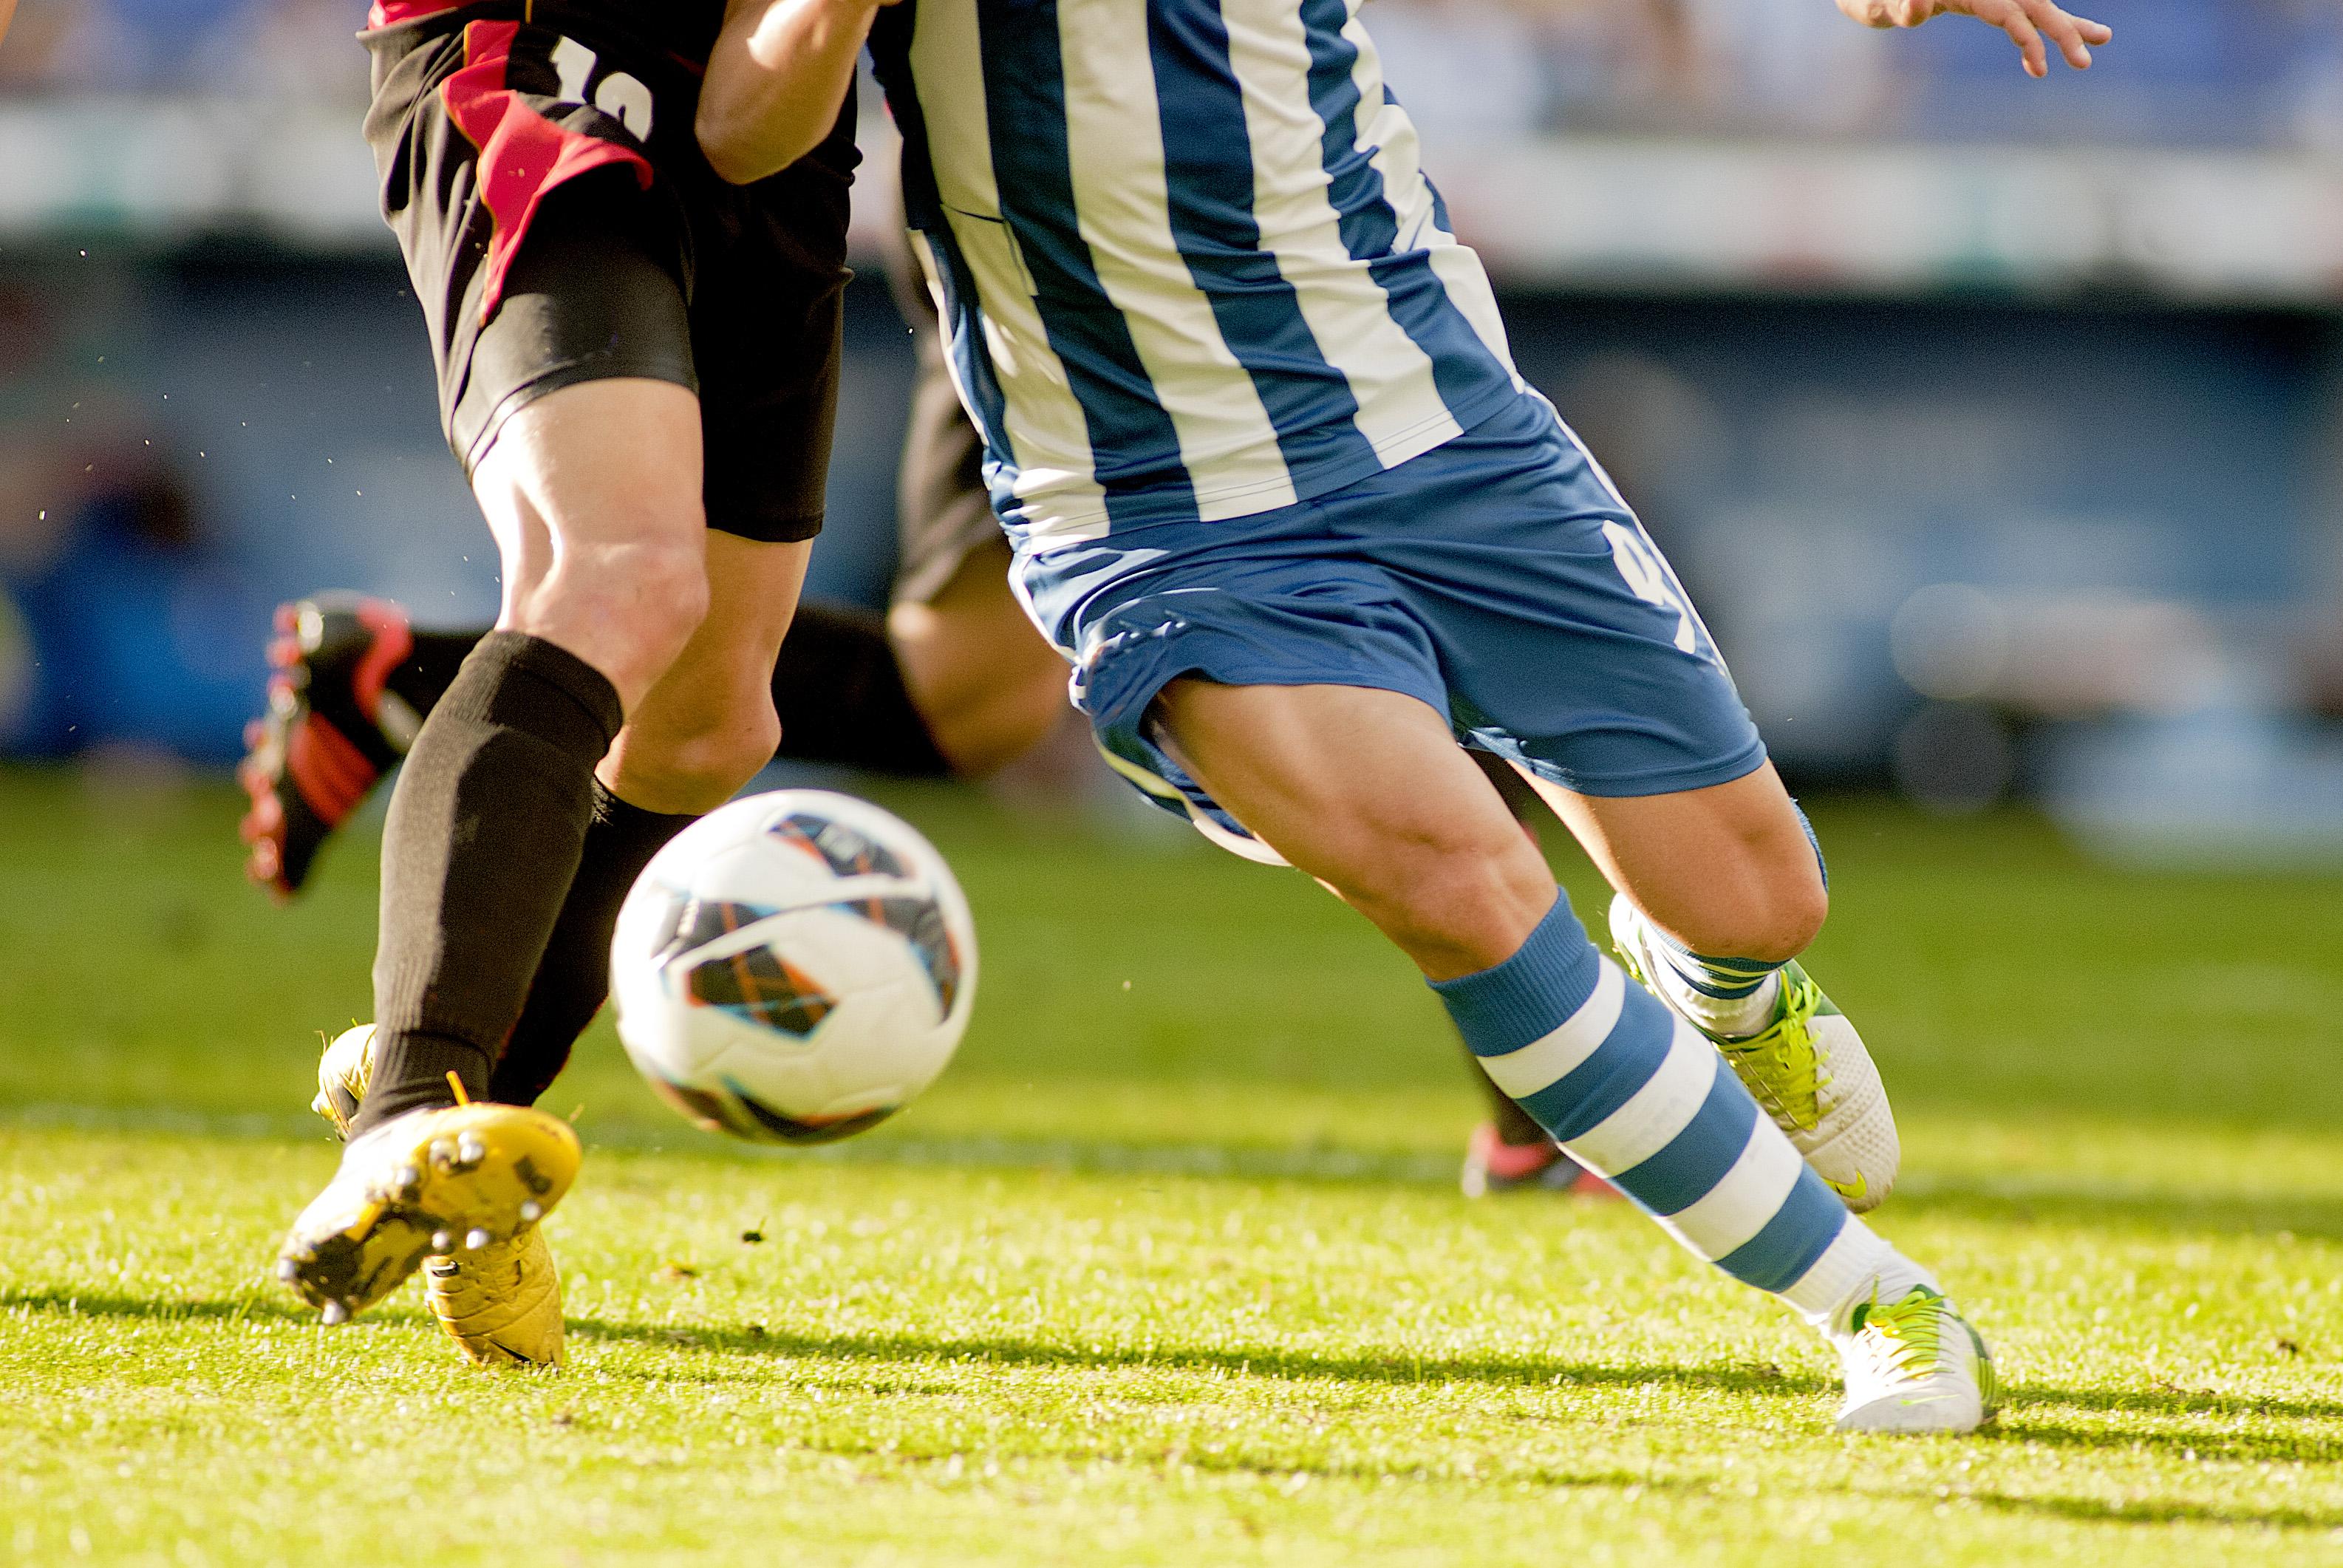 Impingement dorsal de tobillo: dolor en la cara anterior del tobillo, típico de futbolistas